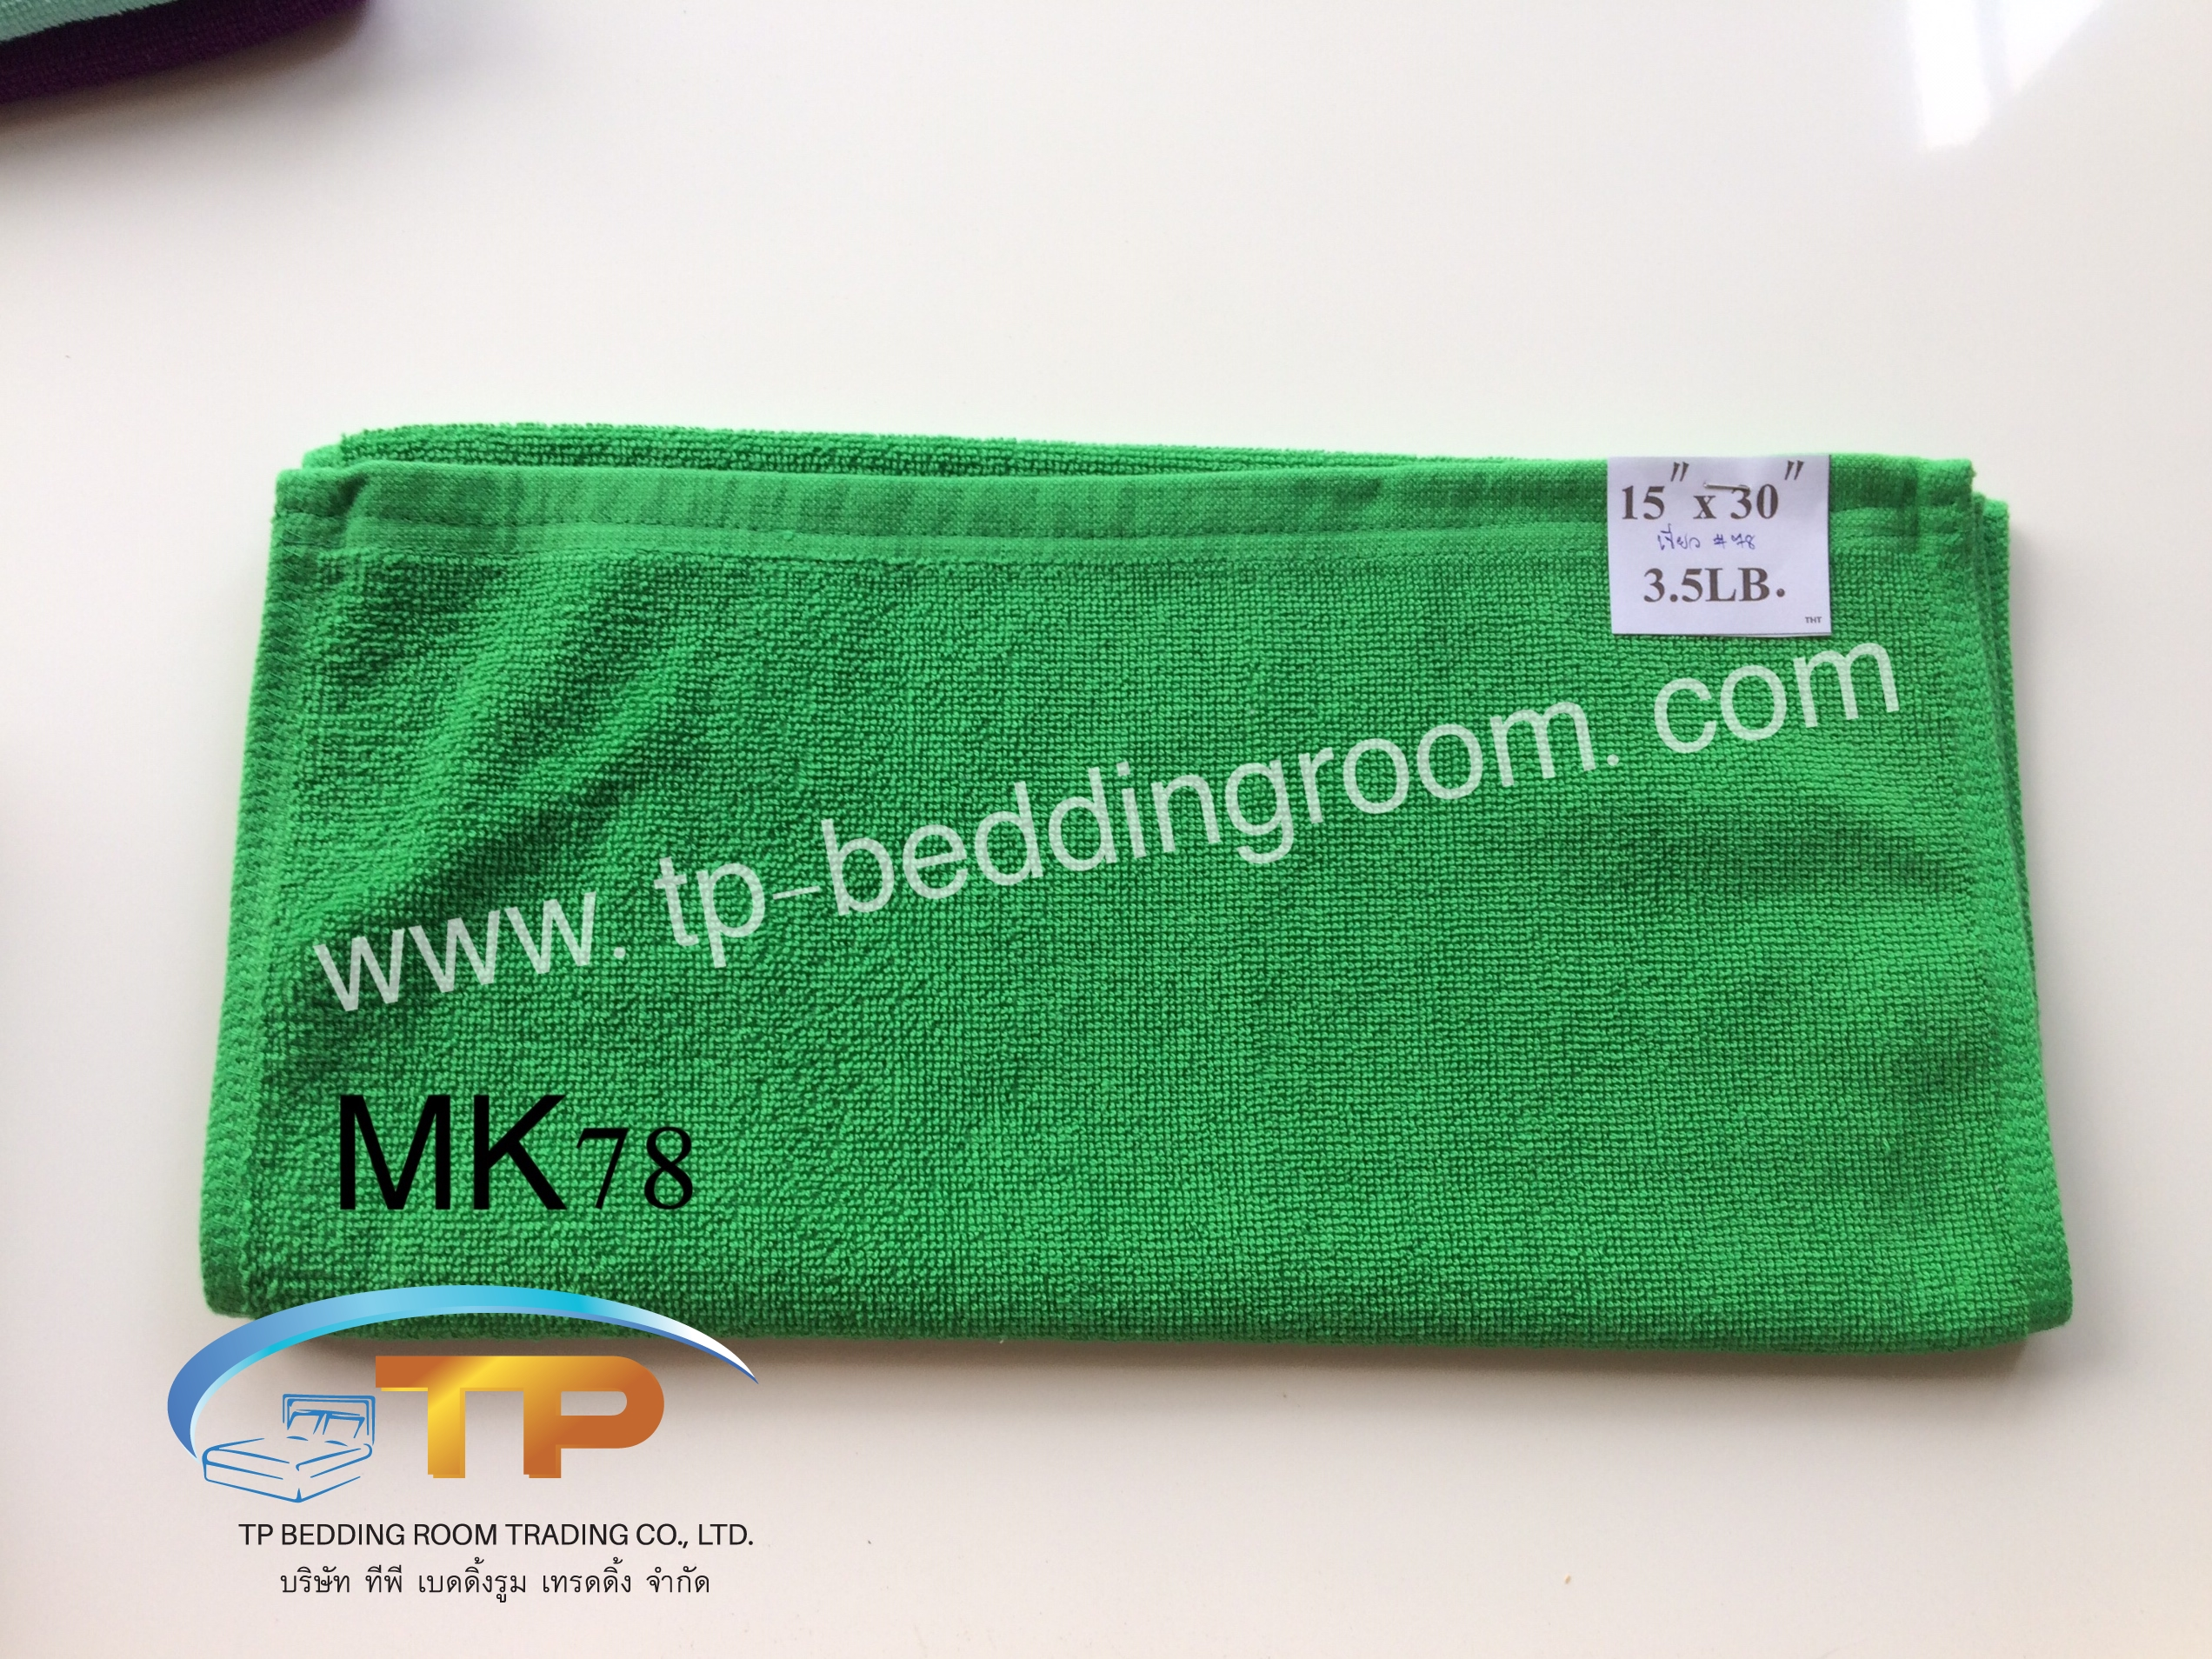 """ผ้าขนหนูเช็ดผมสีเขียว 15""""x30"""" นิ้ว น้ำหนัก 3.5 Ibs"""